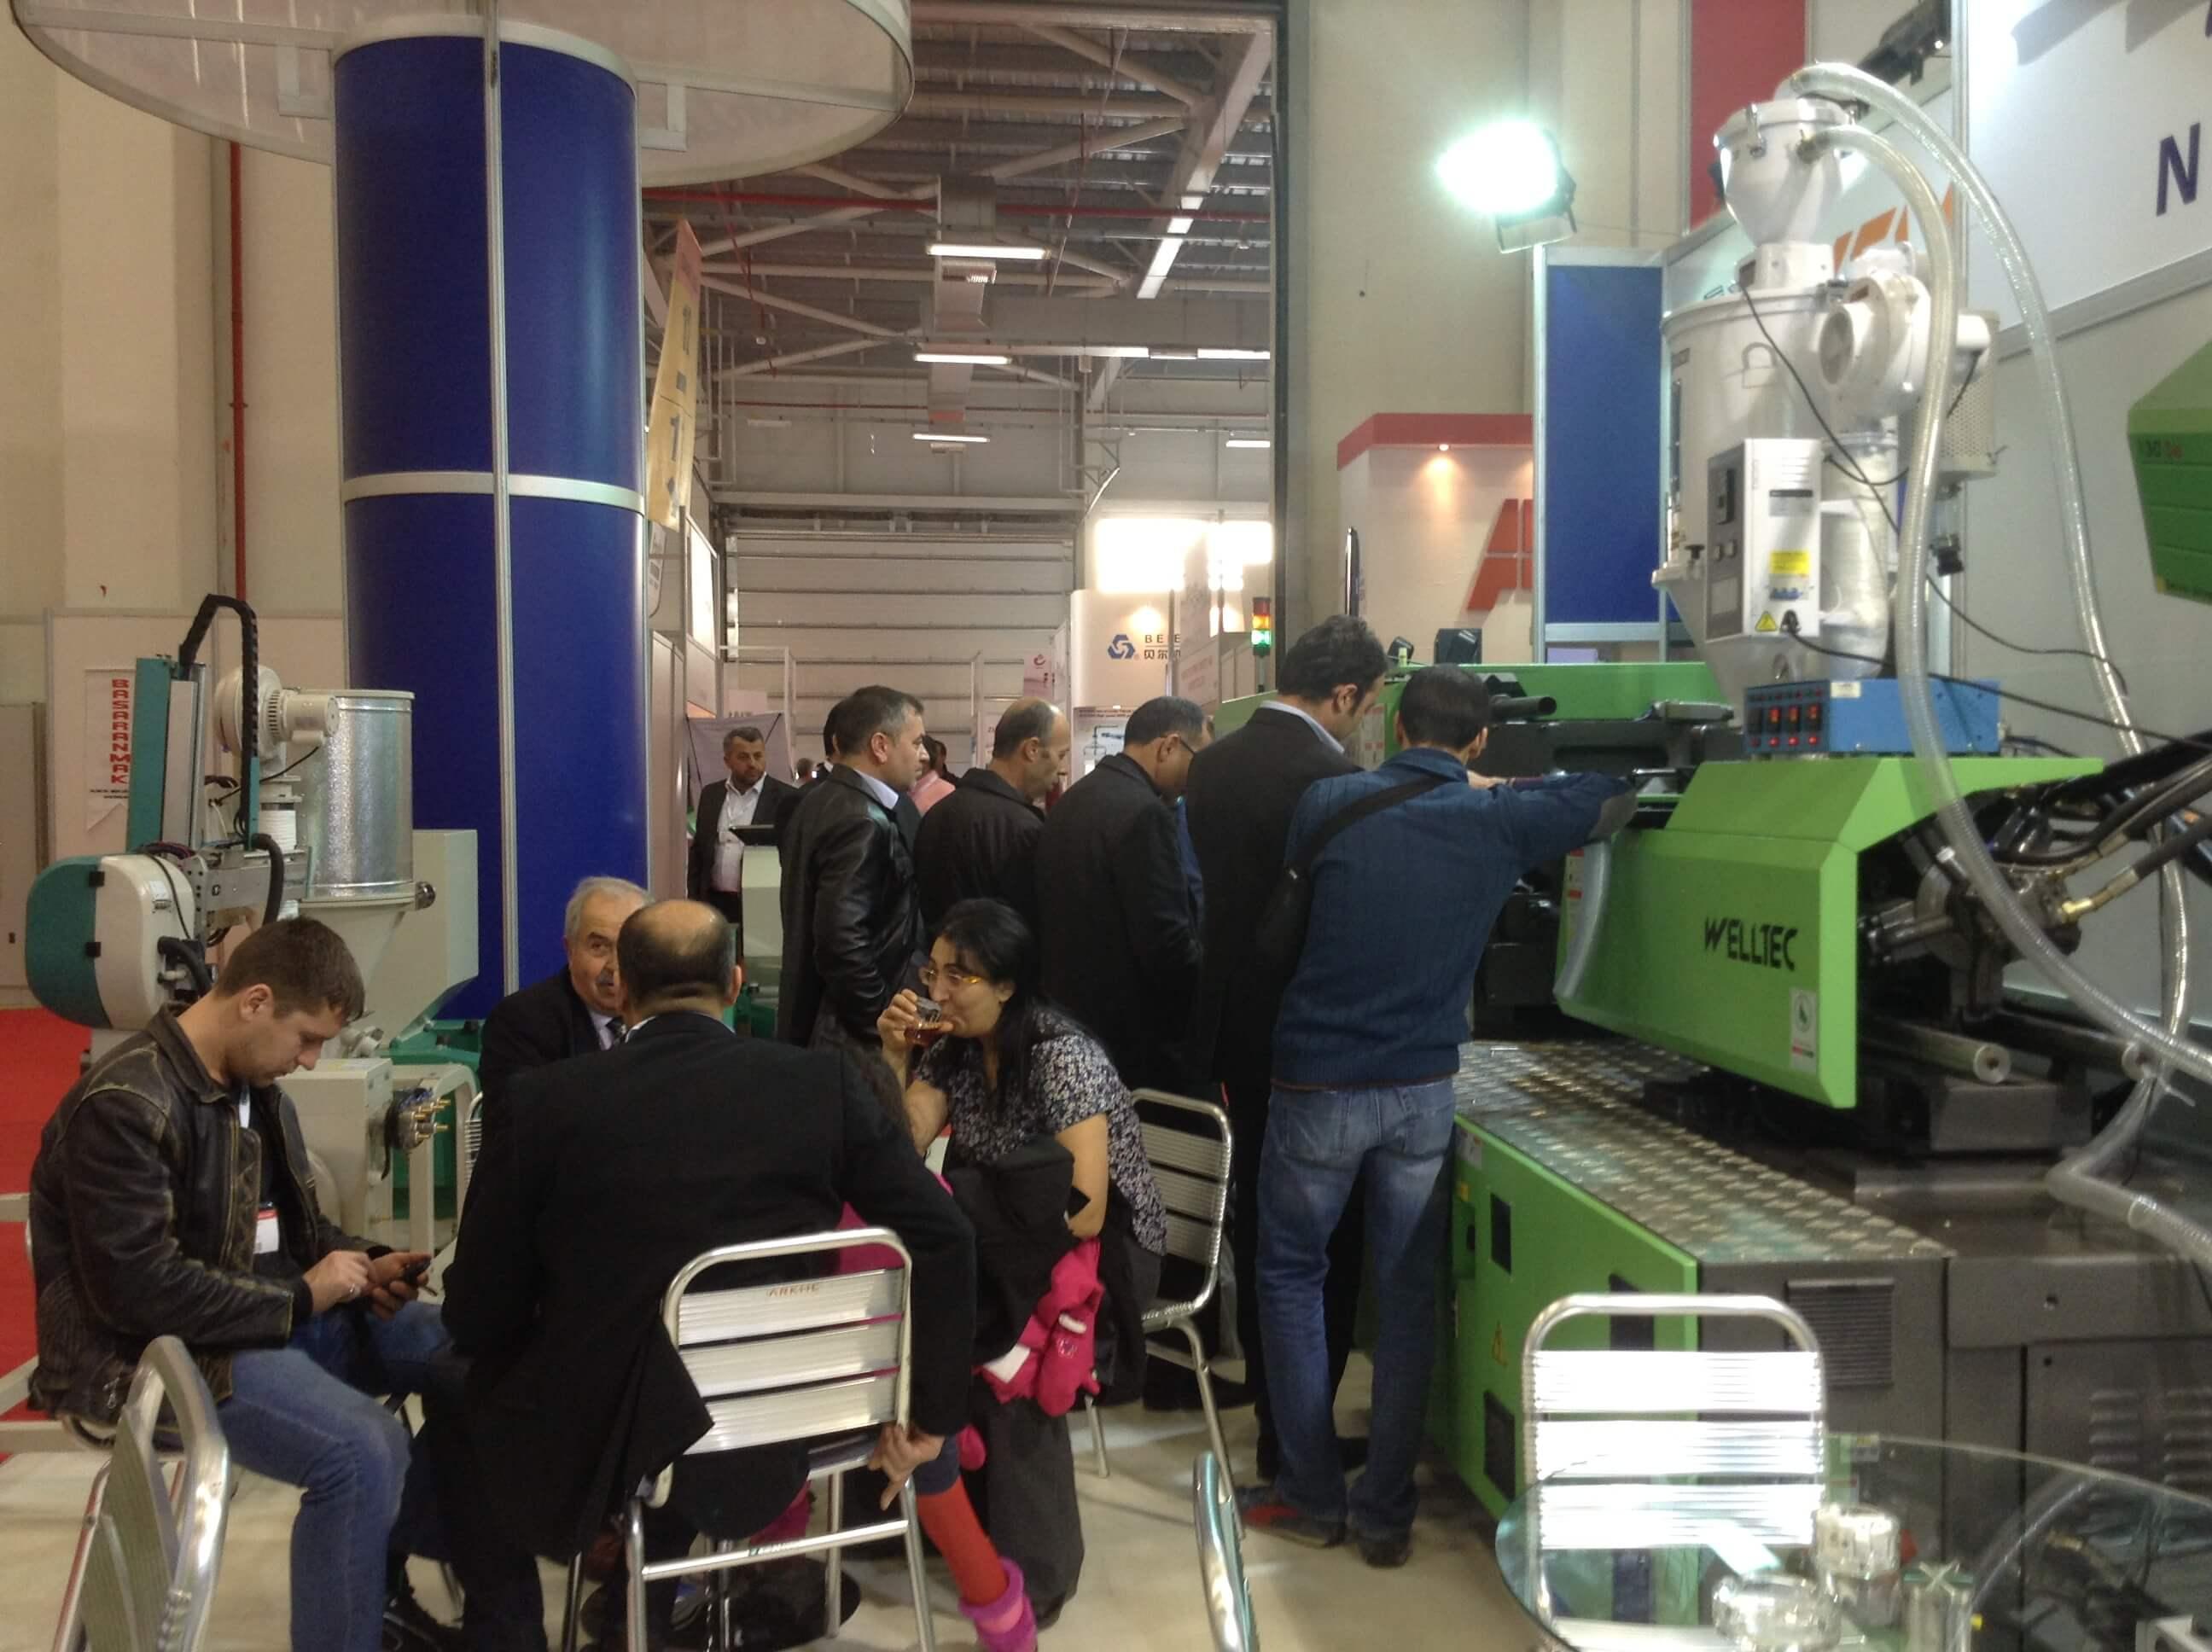 Plast Eurasia 2013 Fuarında Nokta Plastik Teknolojileri Welltec Plastik Enjeksiyon Makineleri